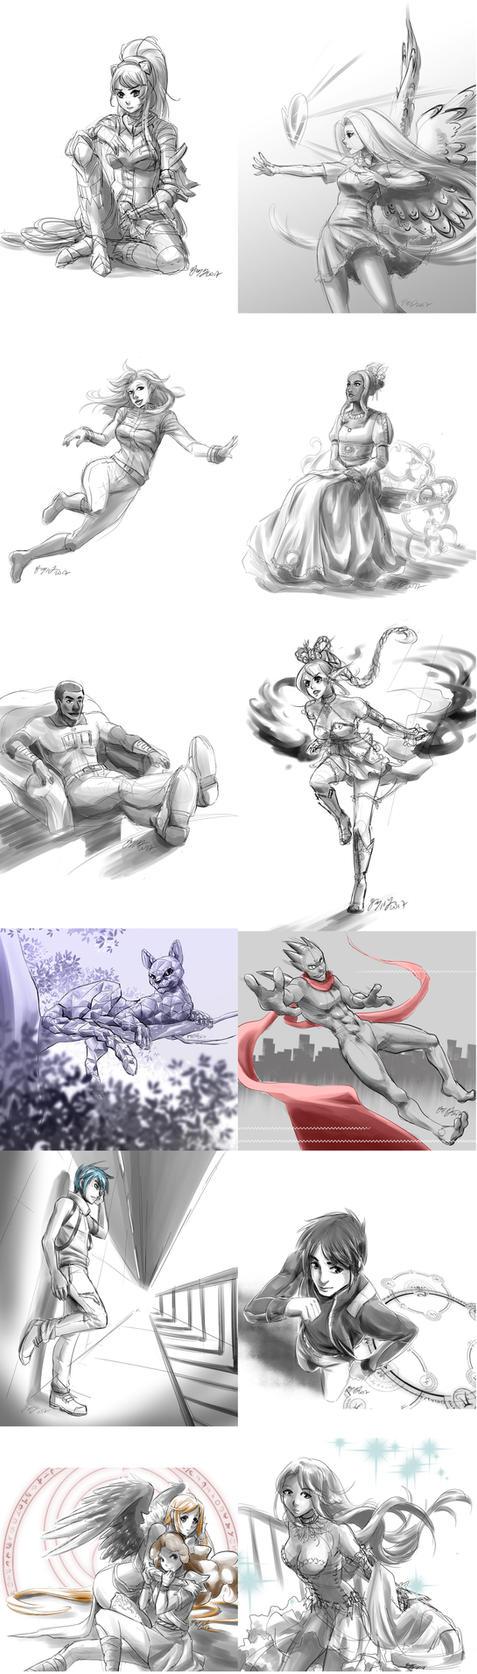 2017 Sketch Dump by tiffa